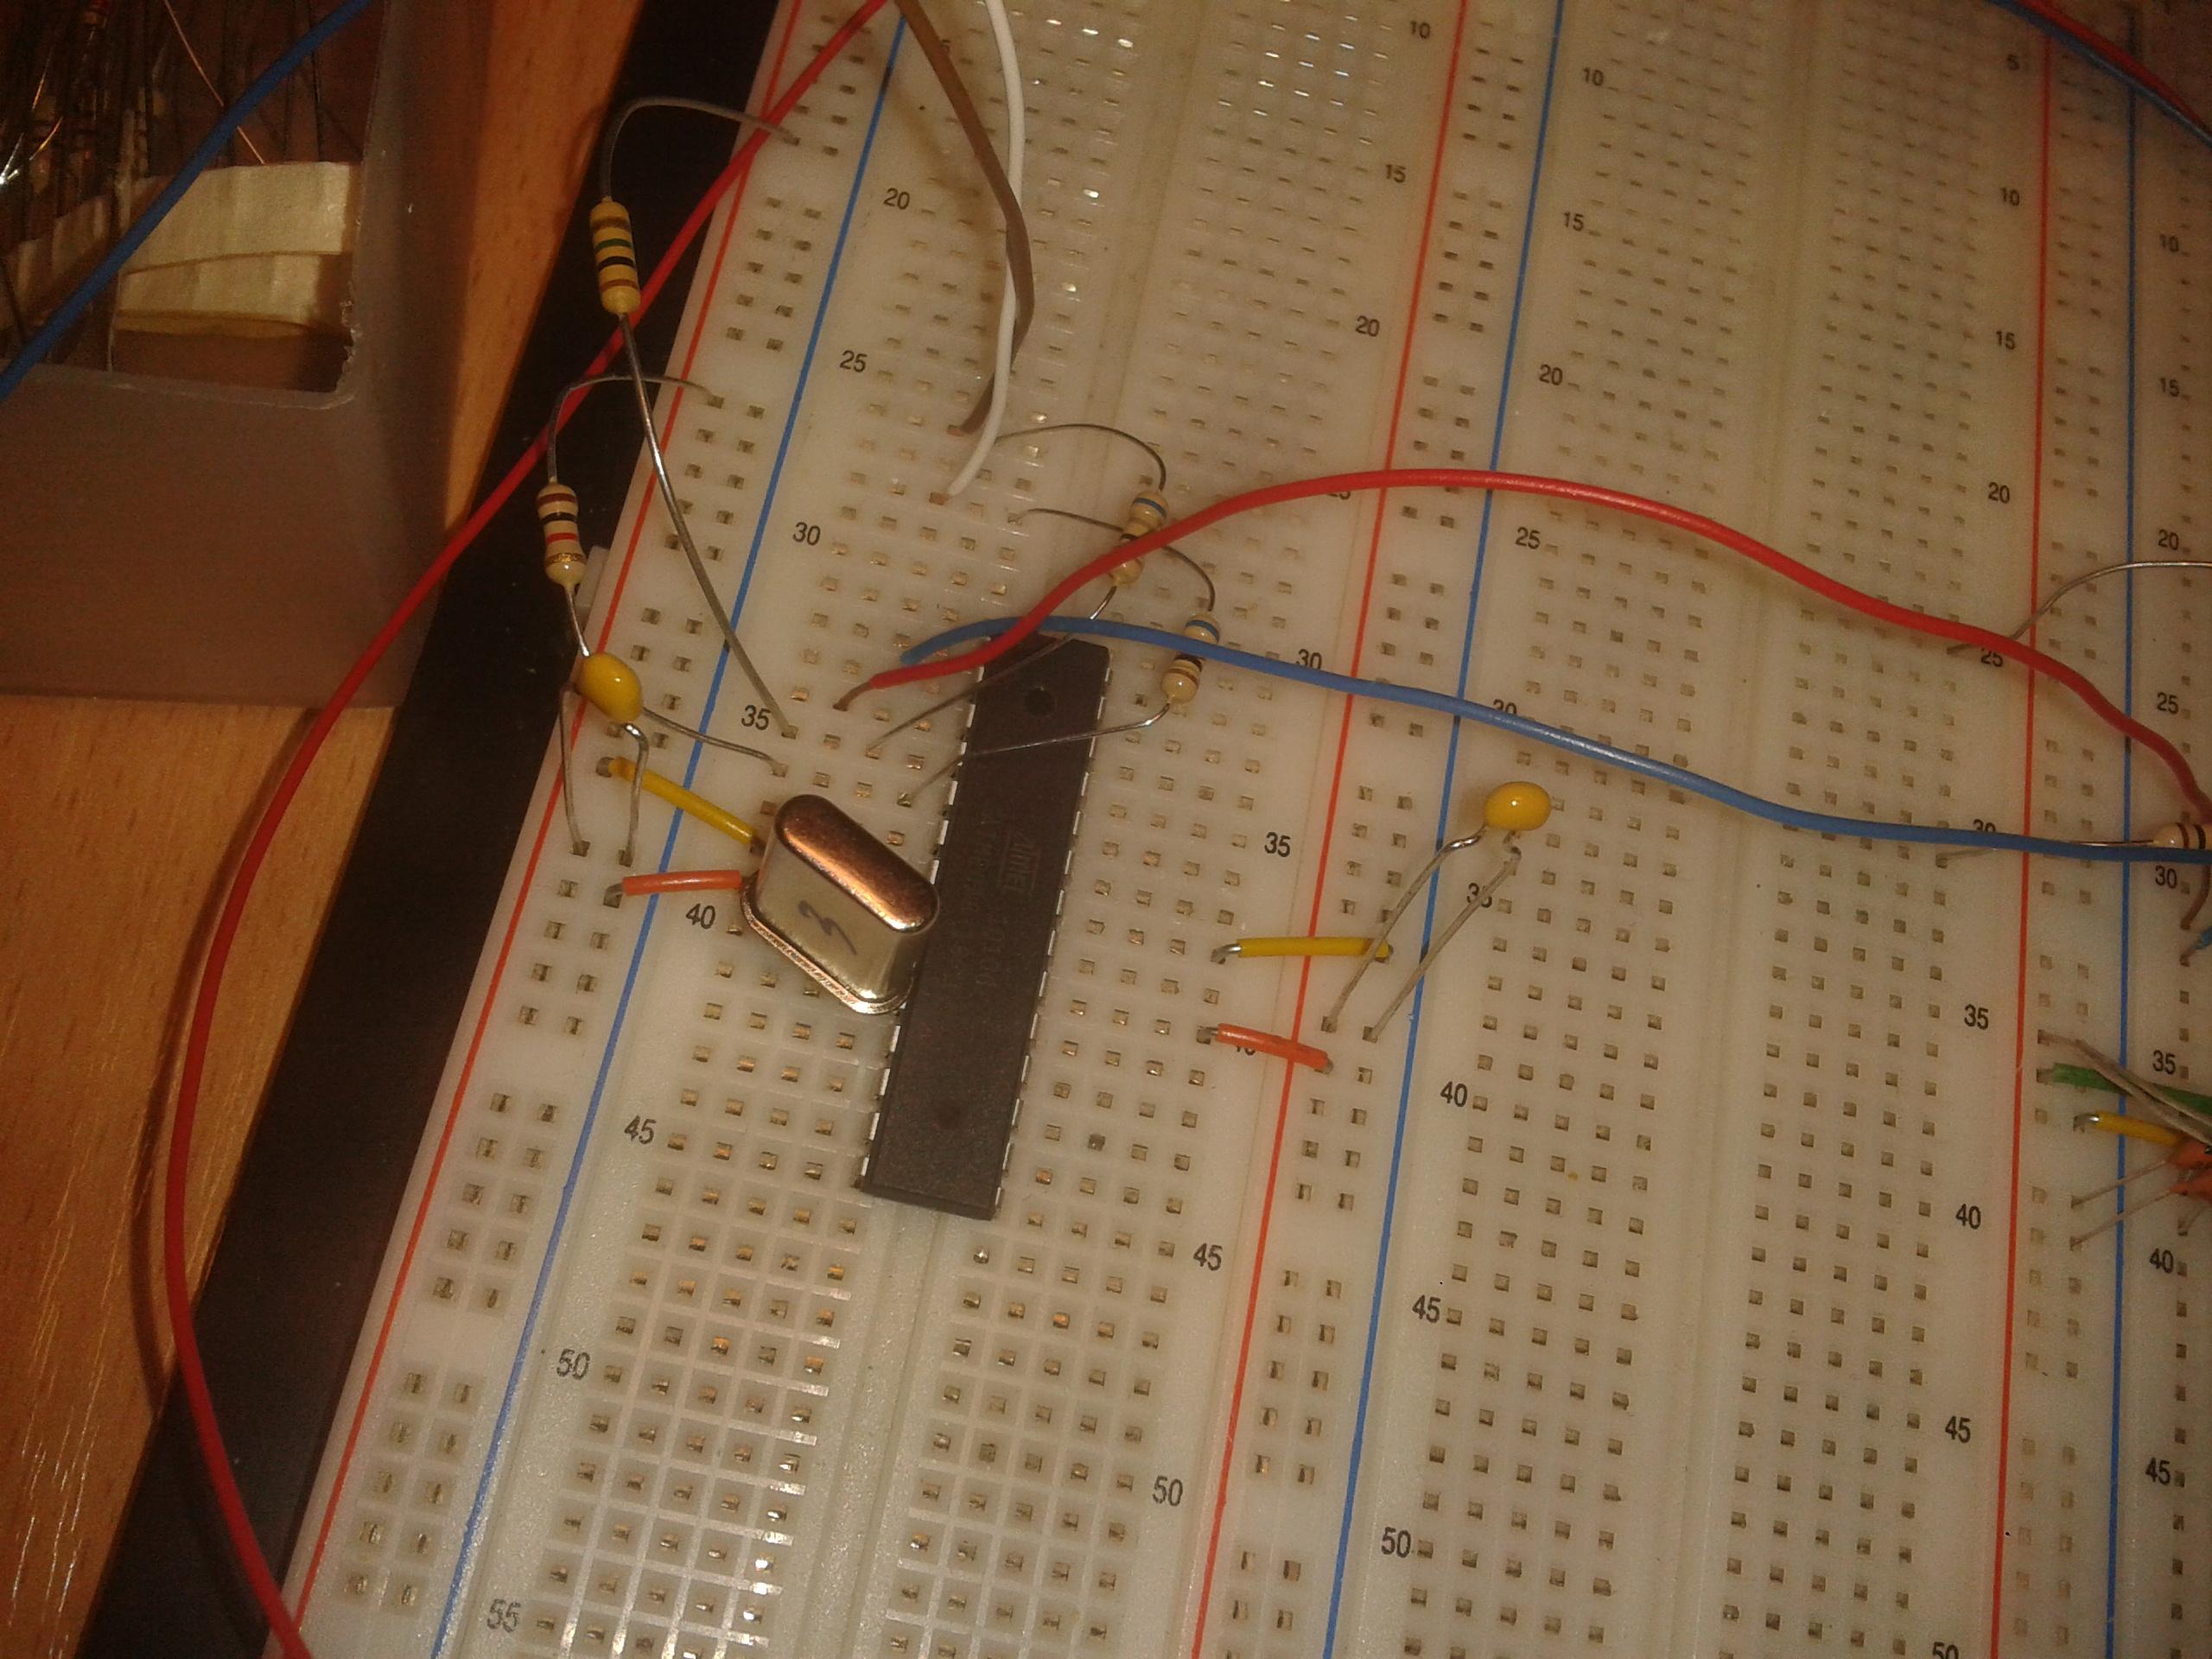 ATmega328p - Arduino bez arduino i graj�ce stacje dyskietek-nie dzia�a